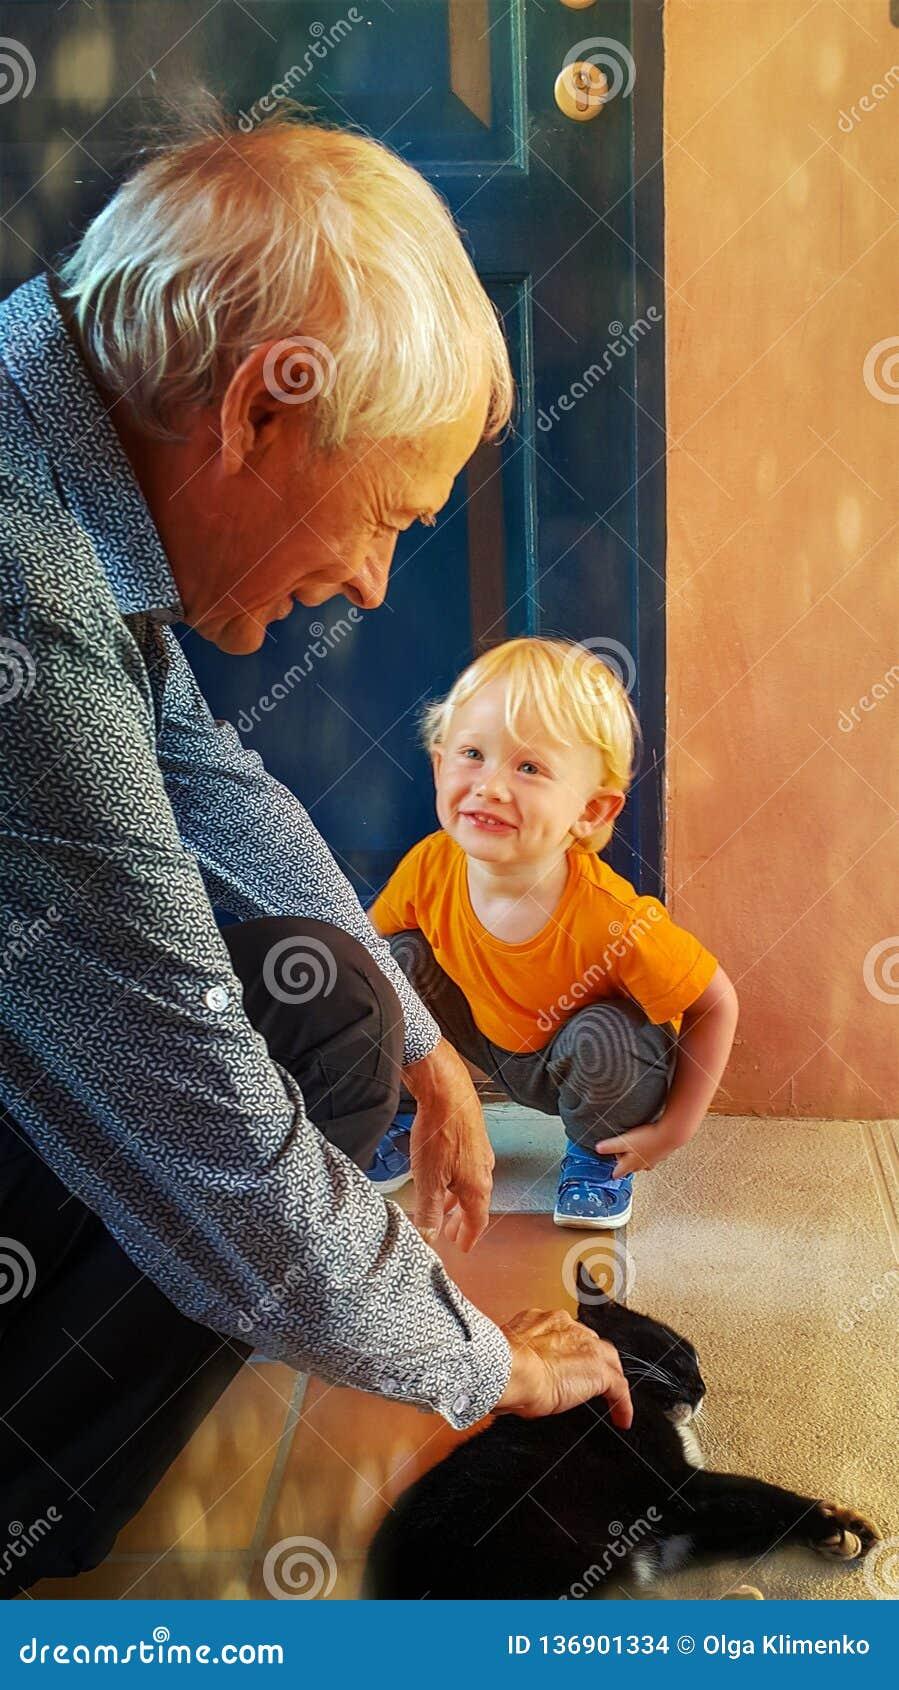 Mała dwuletnia chłopiec szczęśliwie ono uśmiecha się i spojrzenia przy jego dziadem z adoracją która muska kota,